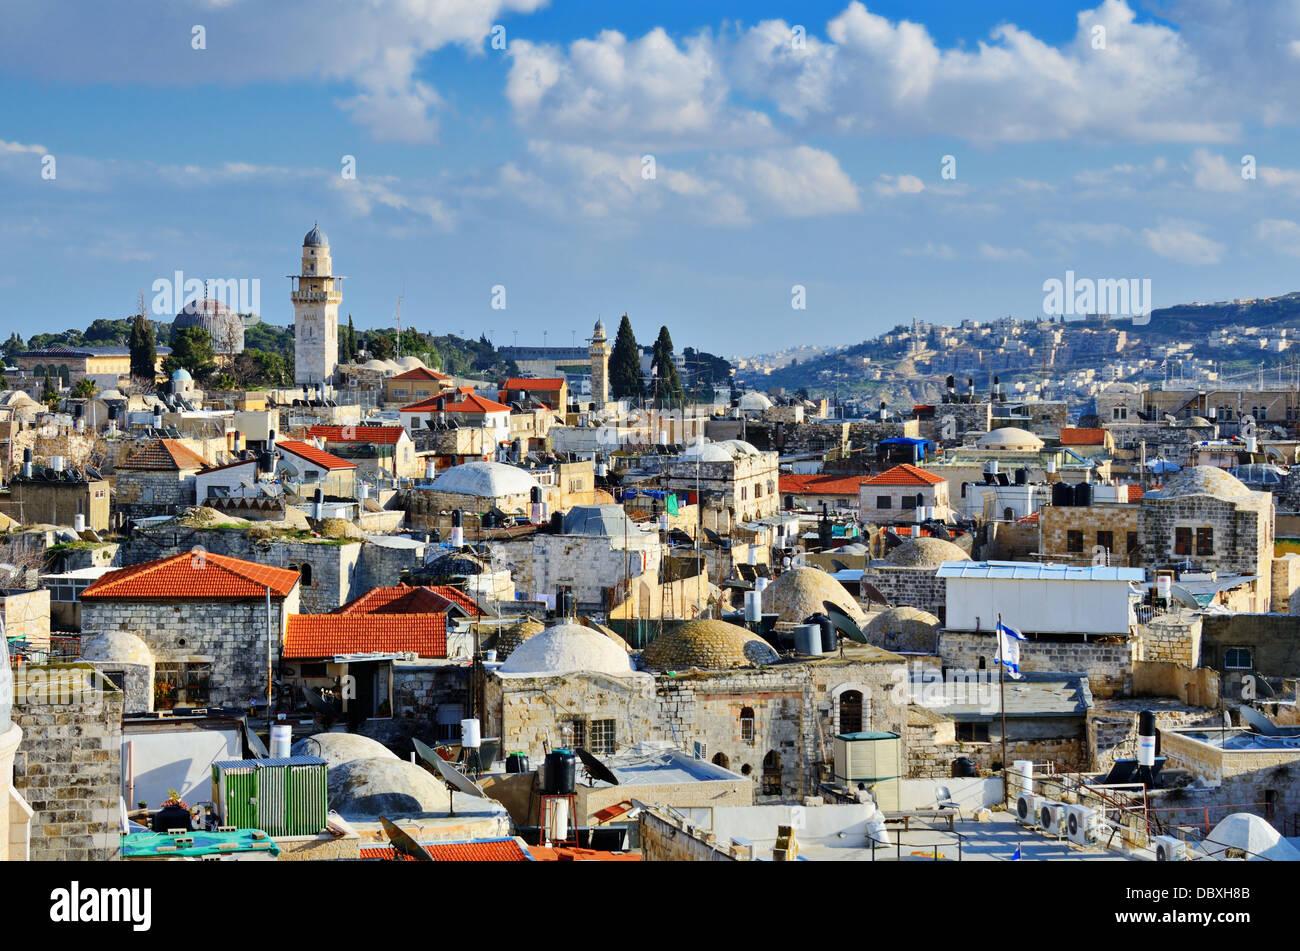 Skyline della Città Vecchia di Gerusalemme, Israele. Immagini Stock